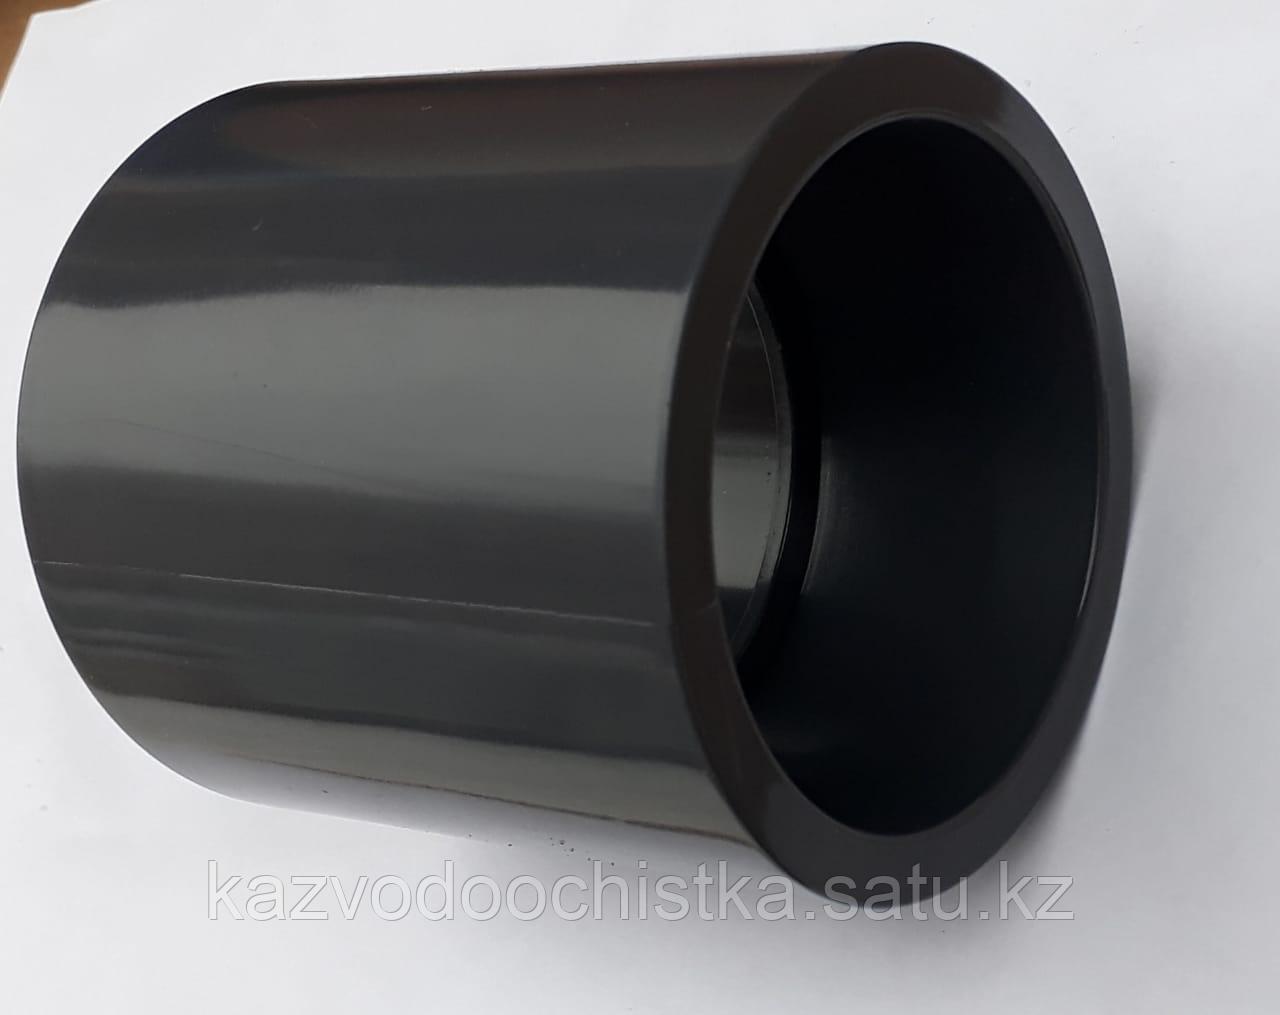 ПВХ Муфта неразъемная  (COUPLING) 32 мм.